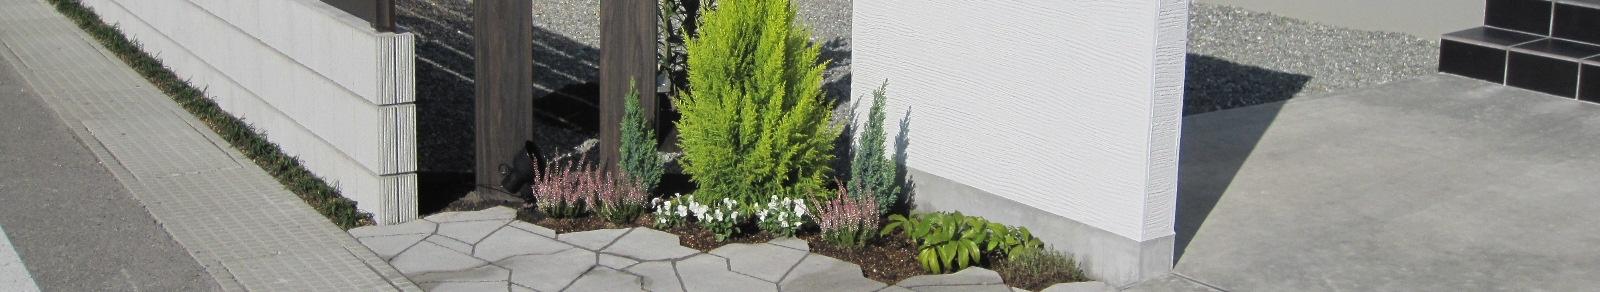 土間コンクリートで使われる目地材について